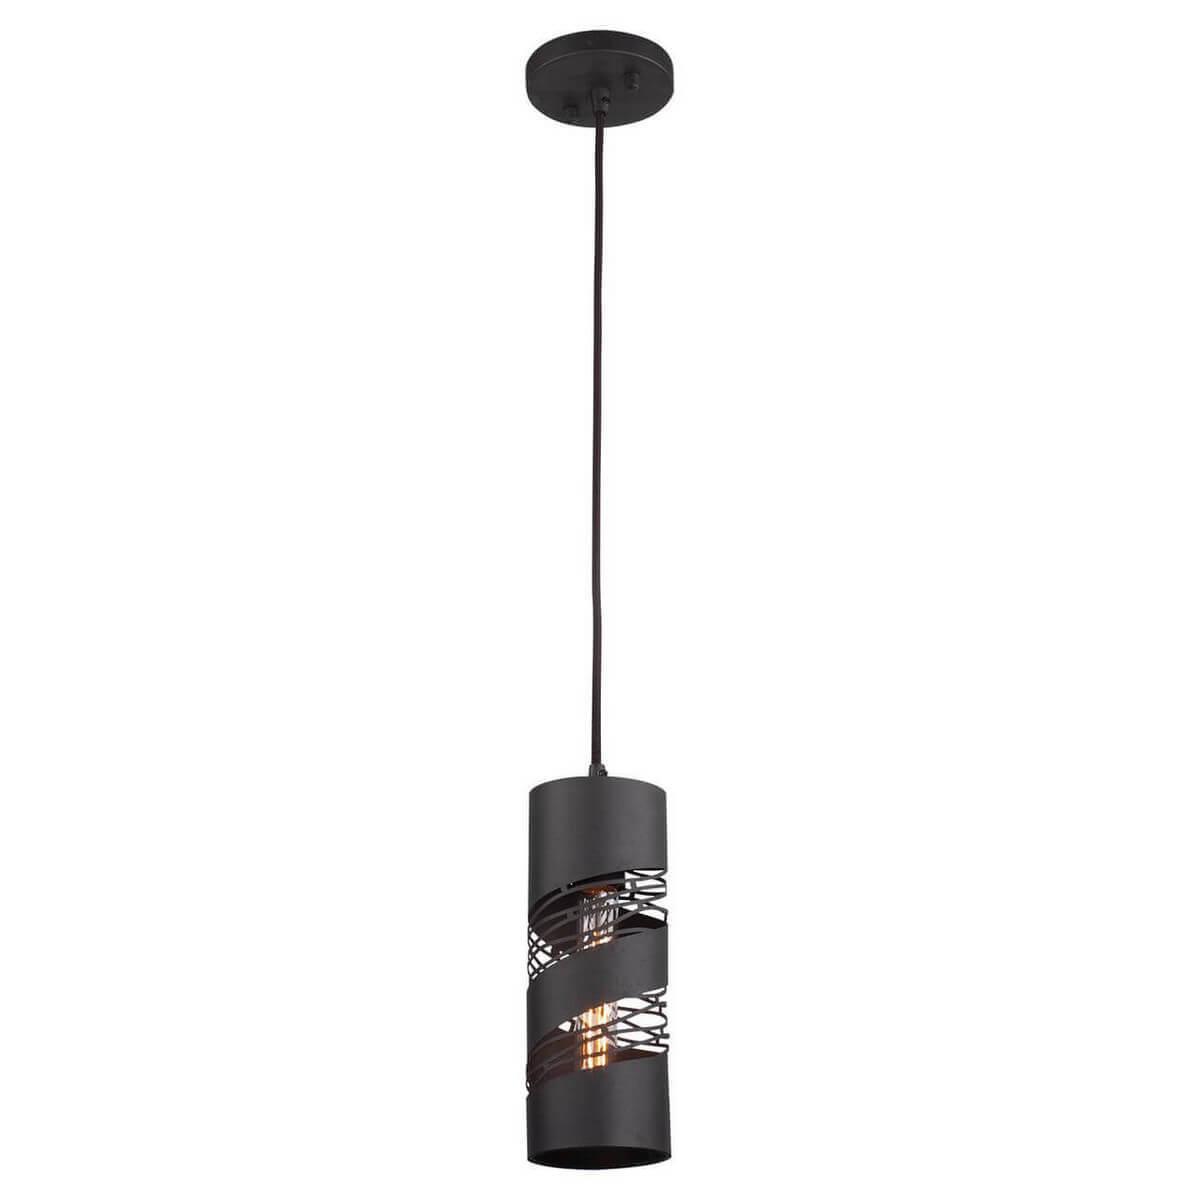 Подвесной светильник Lussole Loft 24 LSP-9651 подвесной светильник lussole lsp 9651 черный